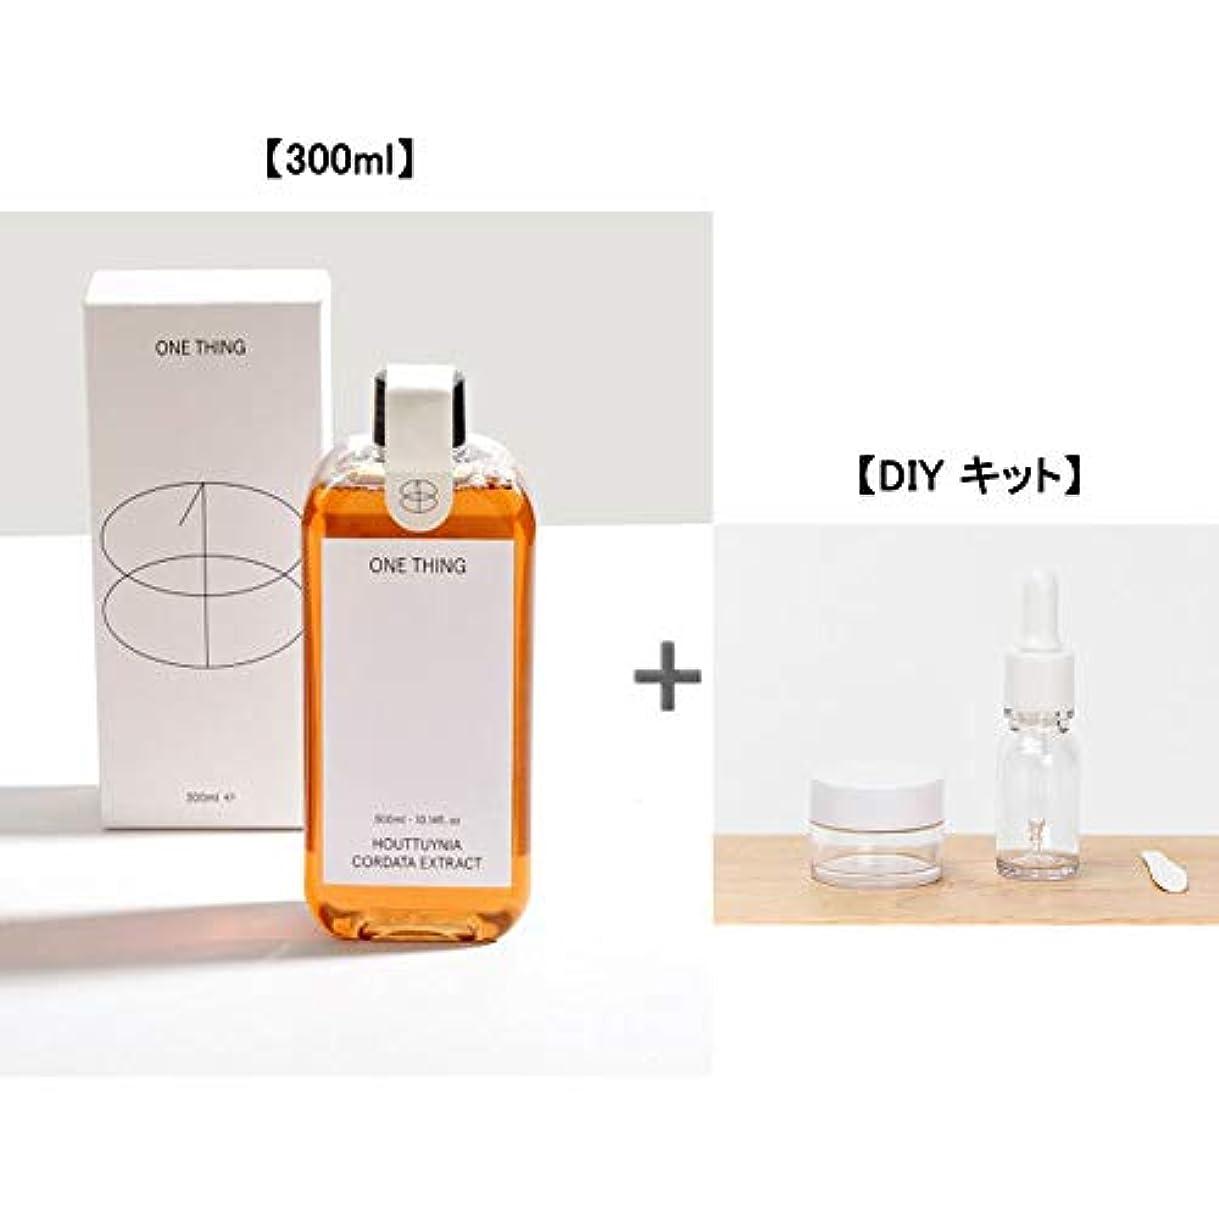 艦隊分散上下する[ウォンシン]ドクダミエキス原液 300ml /トラブル性肌、頭皮ケアに効果的/化粧品に混ぜて使用可能[並行輸入品] (ドクダミ 原液 300ml + DIY 3 Kit)